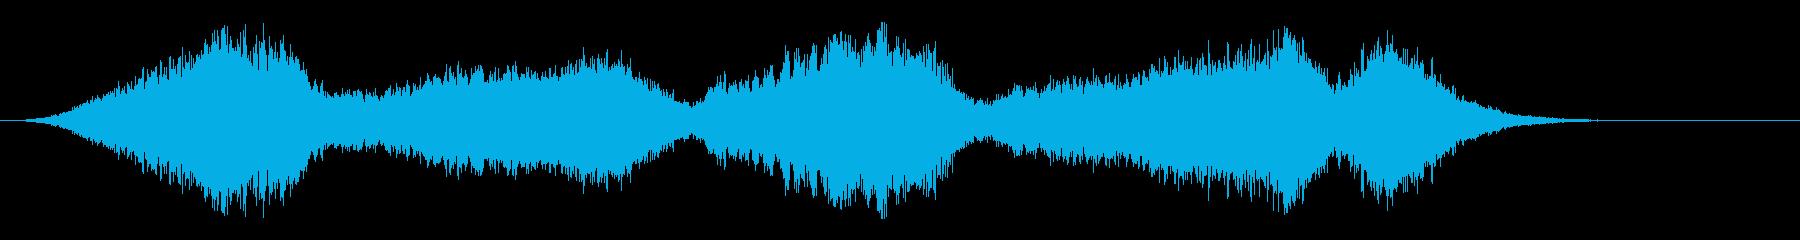 音楽:不気味なストリング、ソロバイ...の再生済みの波形